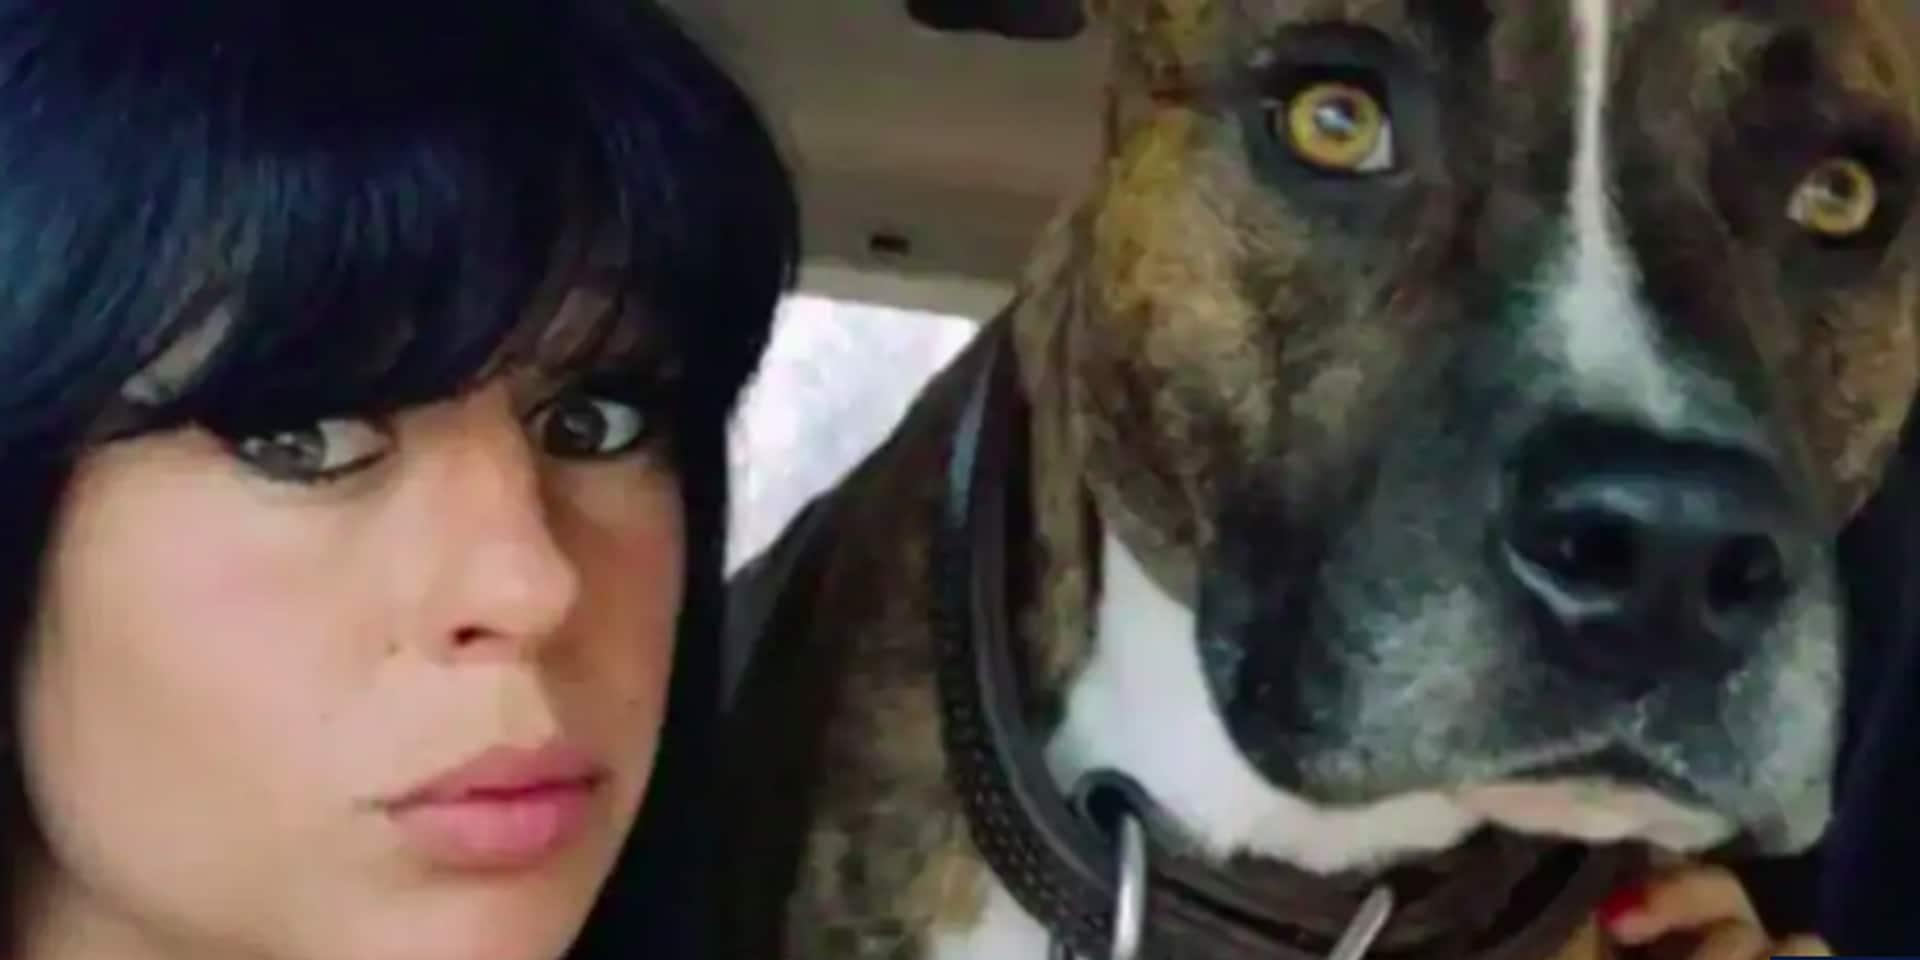 Les tests ADN confirment qu'Elisa Pilarski a bien été tuée par Curtis, le chien de son compagnon